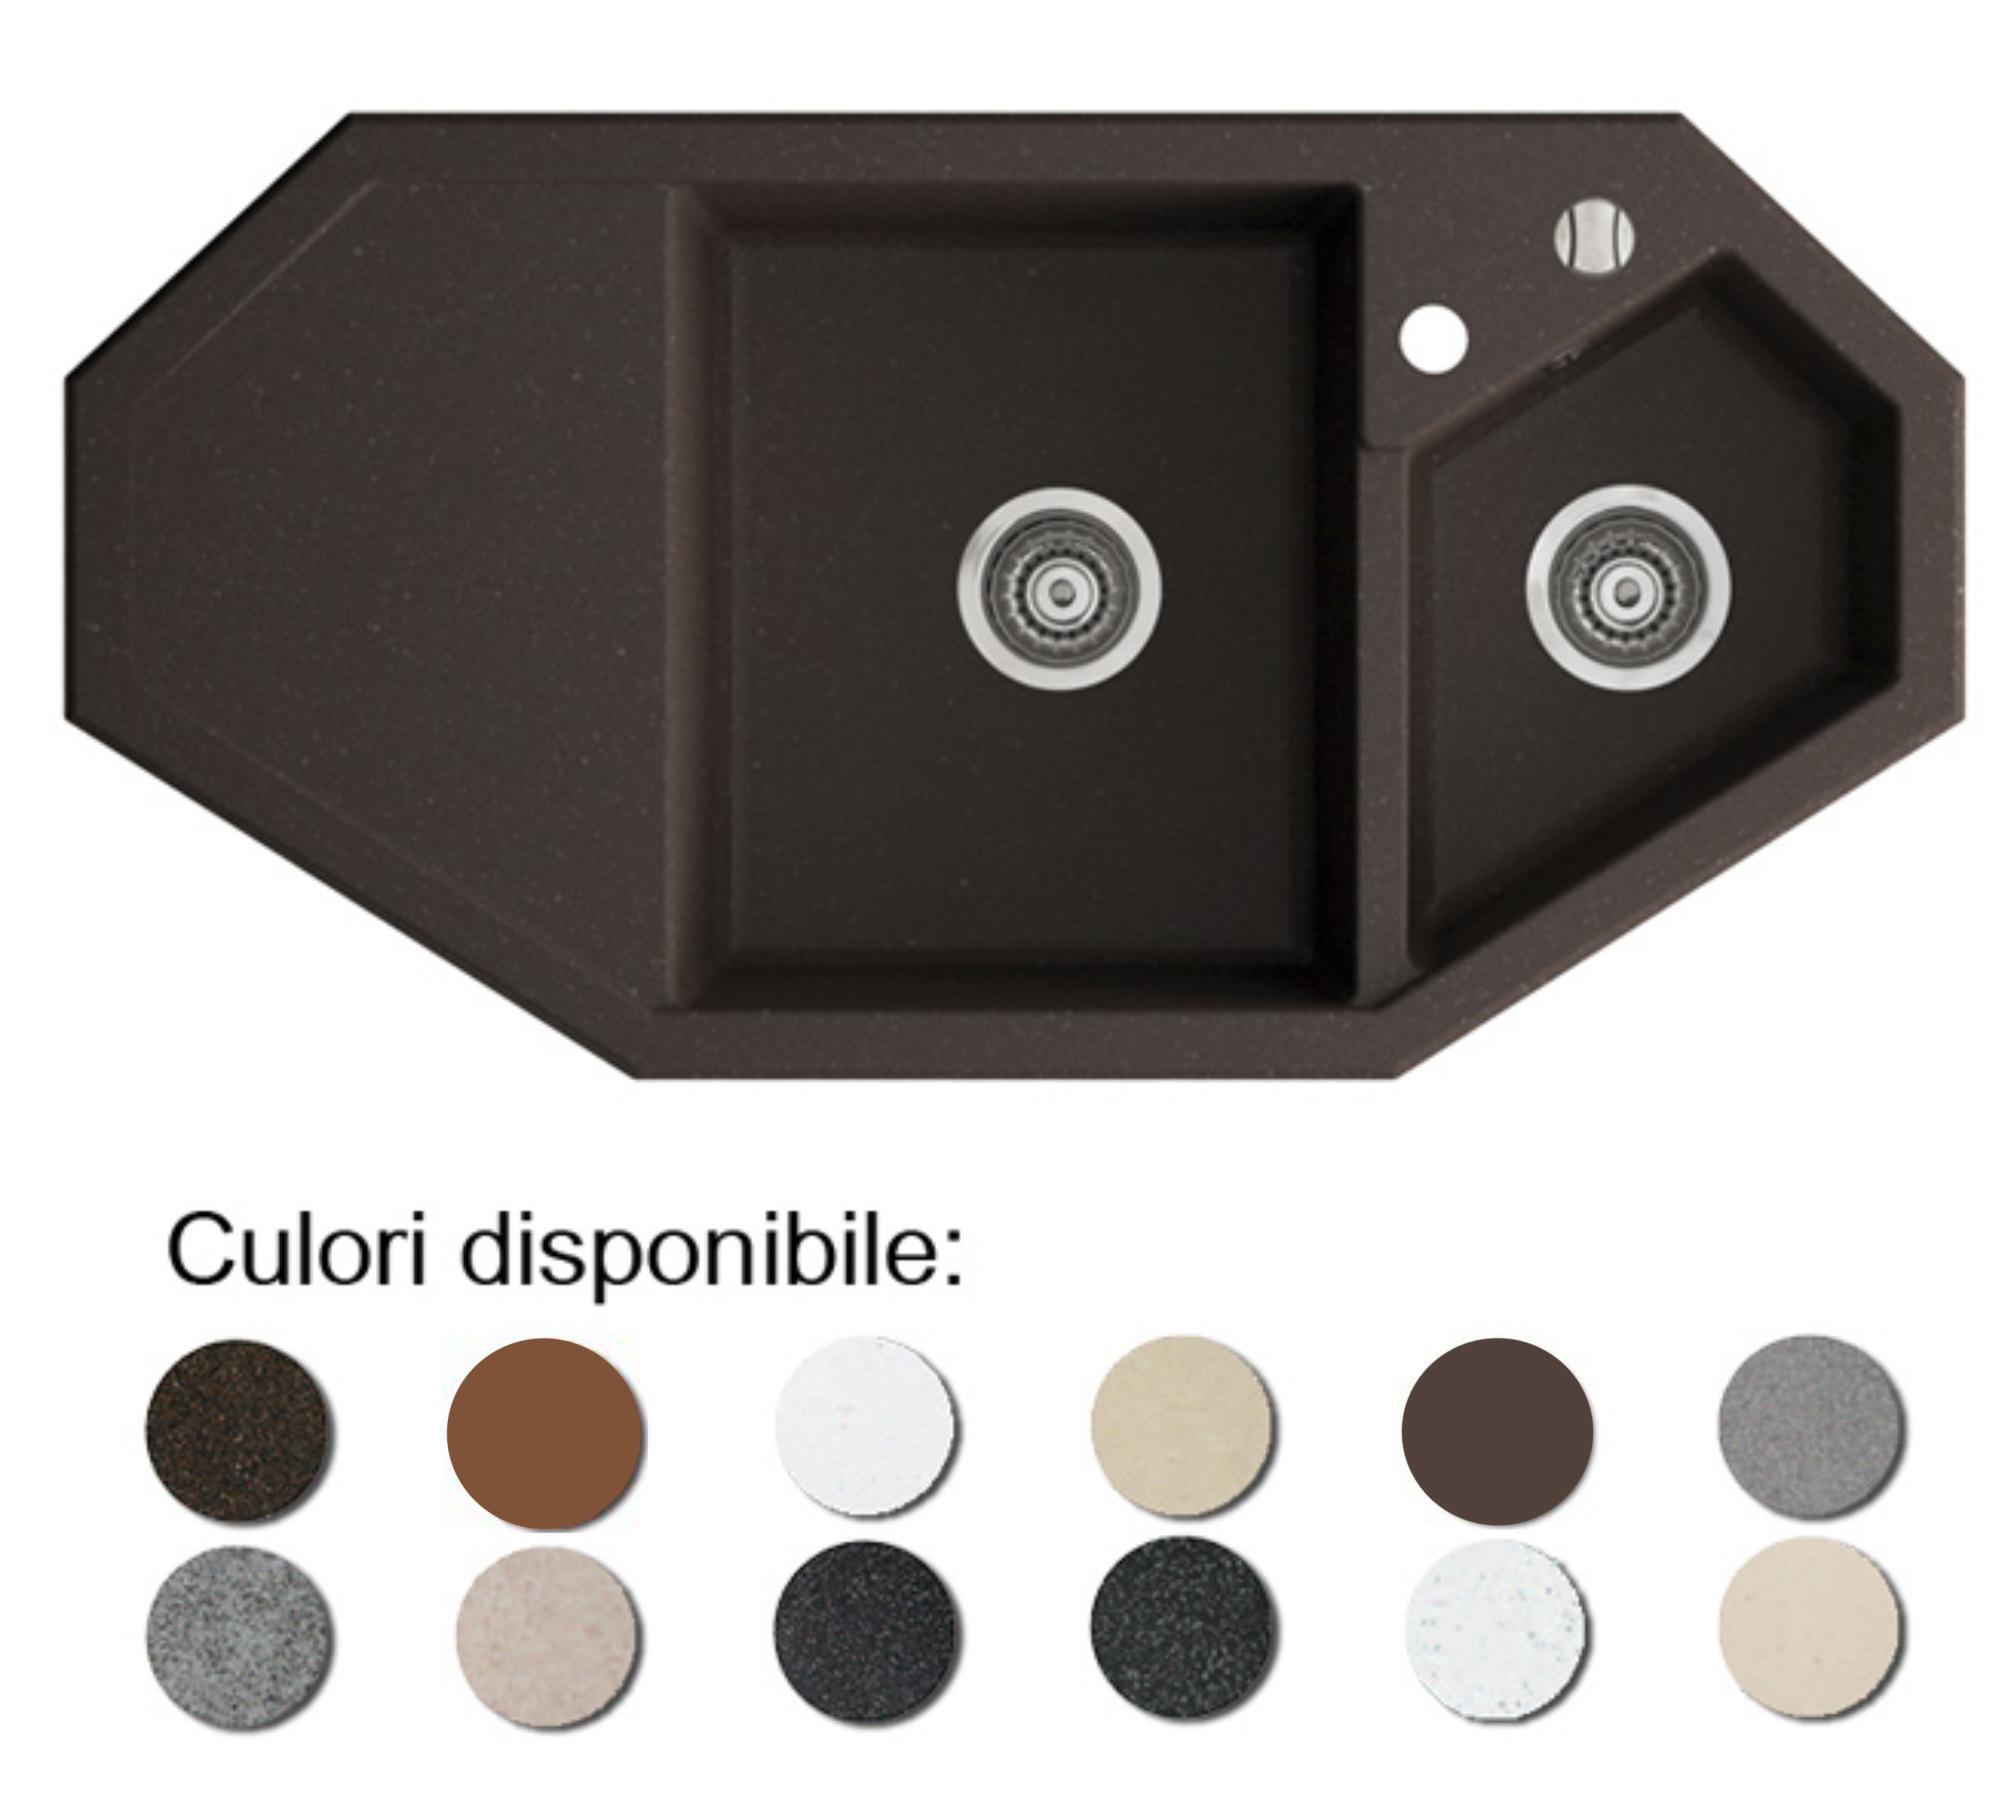 Chiuveta Bucatarie Granit Compozit Anticalcar Trapezoidala Cuve Picurator Poza